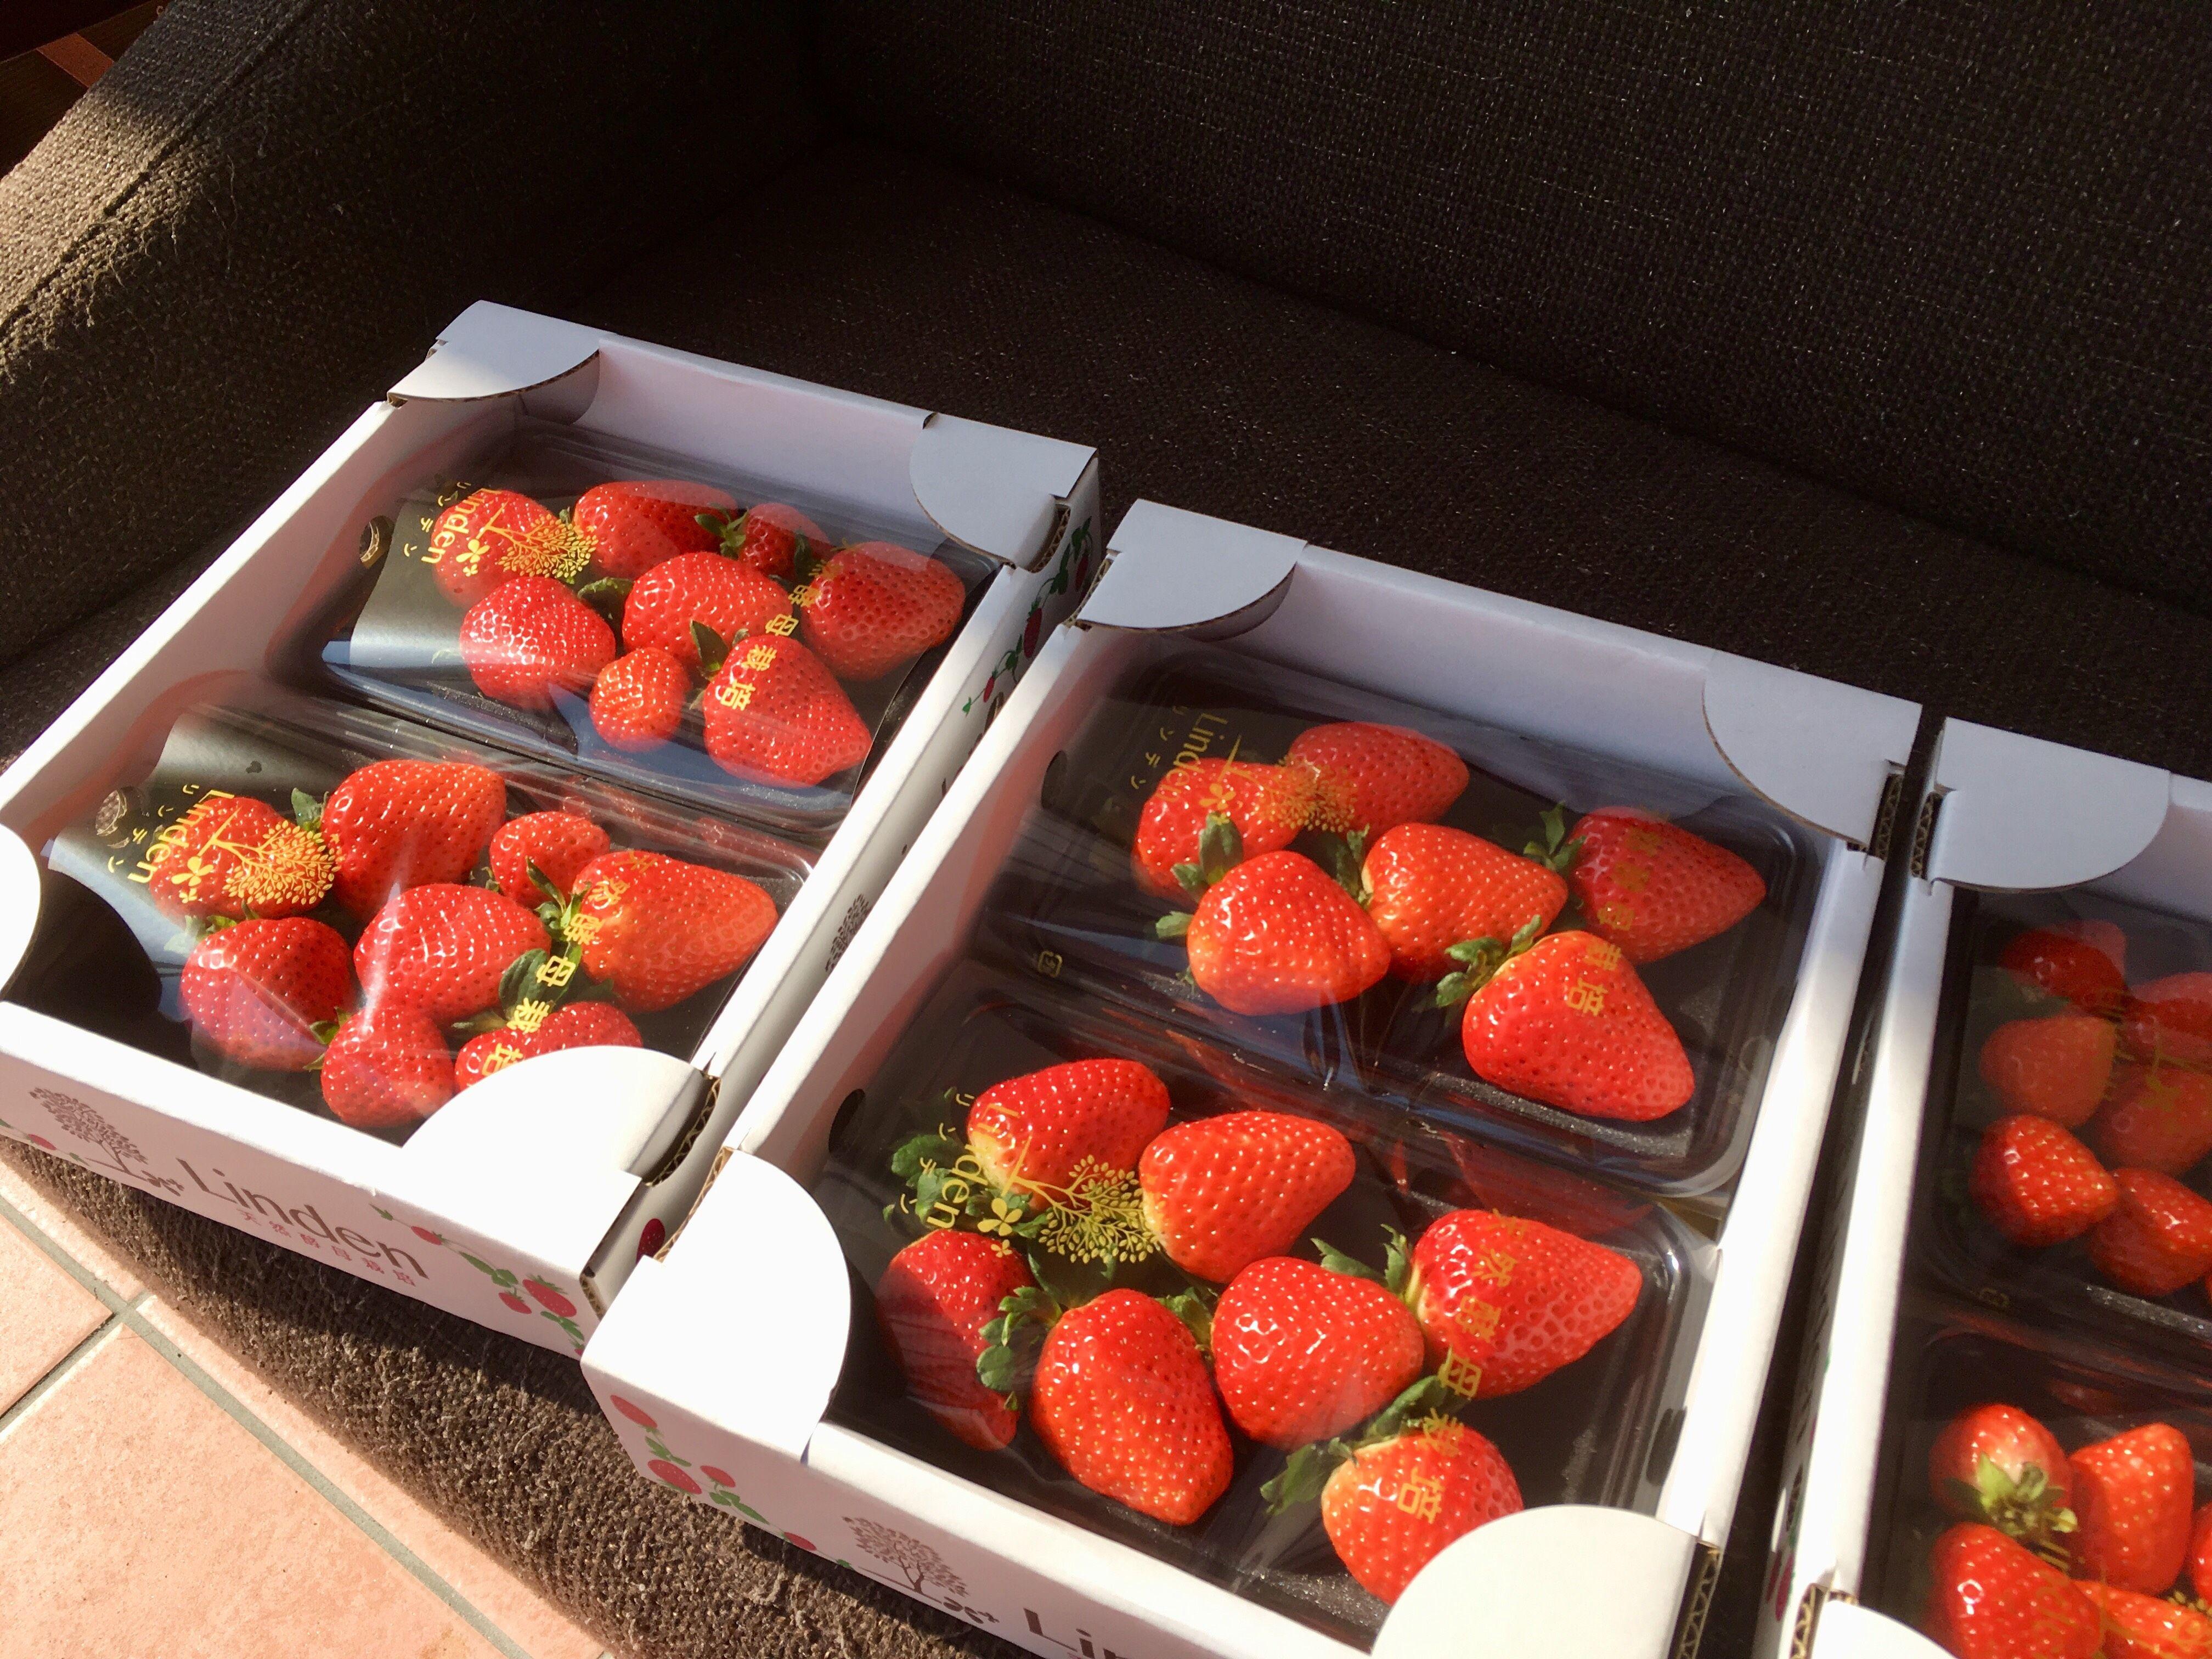 小倉南区 苺 いちご イチゴ 美味しい食べ物 イチゴ いちご